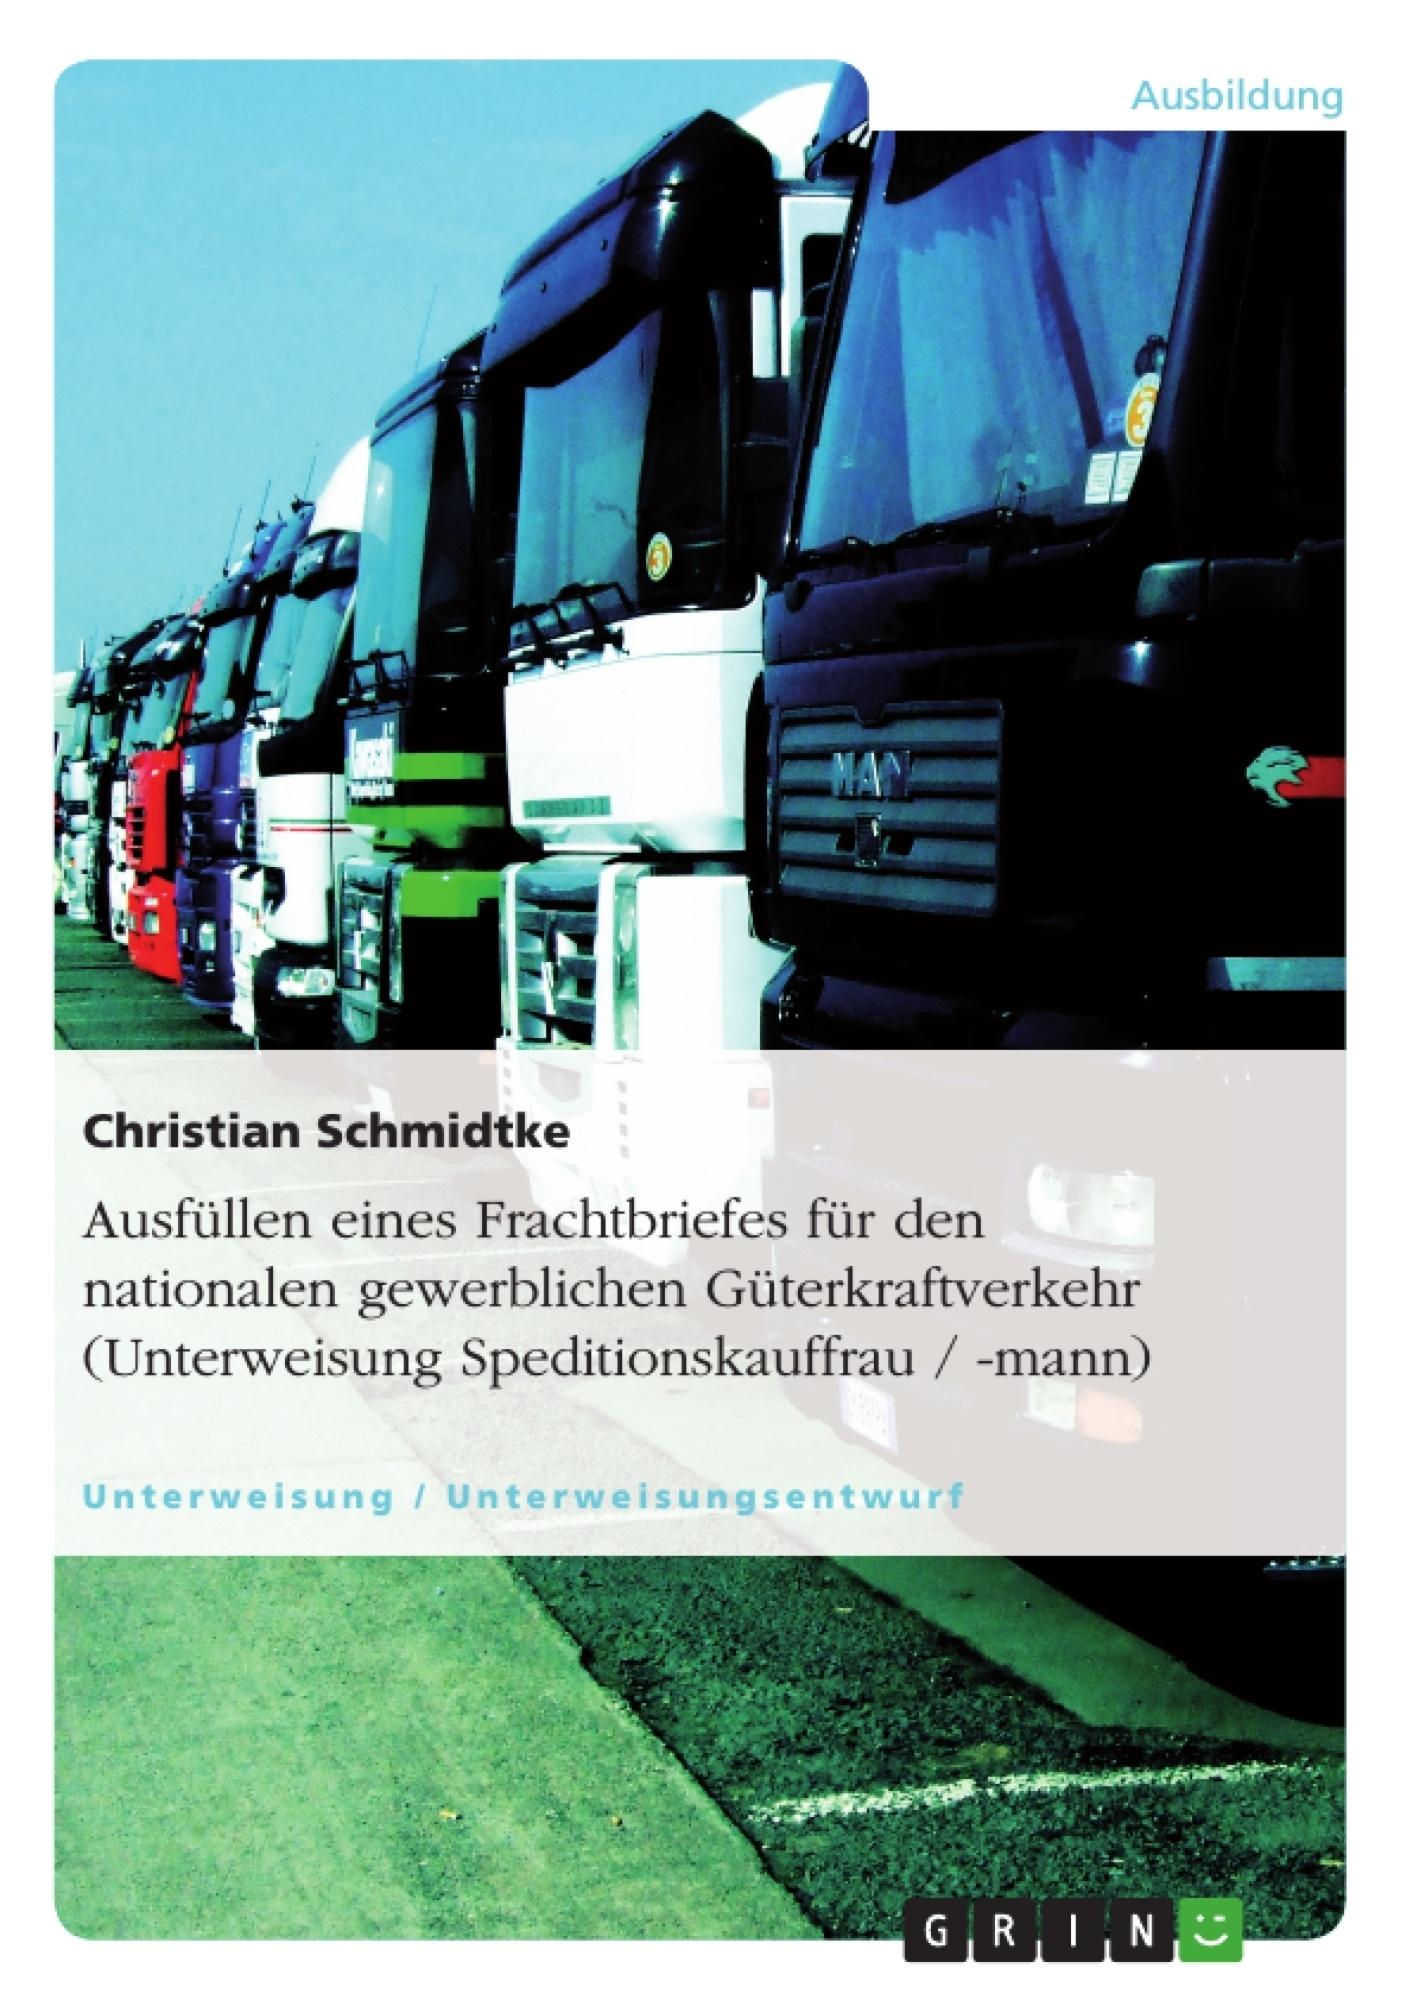 Titel: Ausfüllen eines Frachtbriefes für den nationalen gewerblichen Güterkraftverkehr (Unterweisung Speditionskauffrau / -mann)